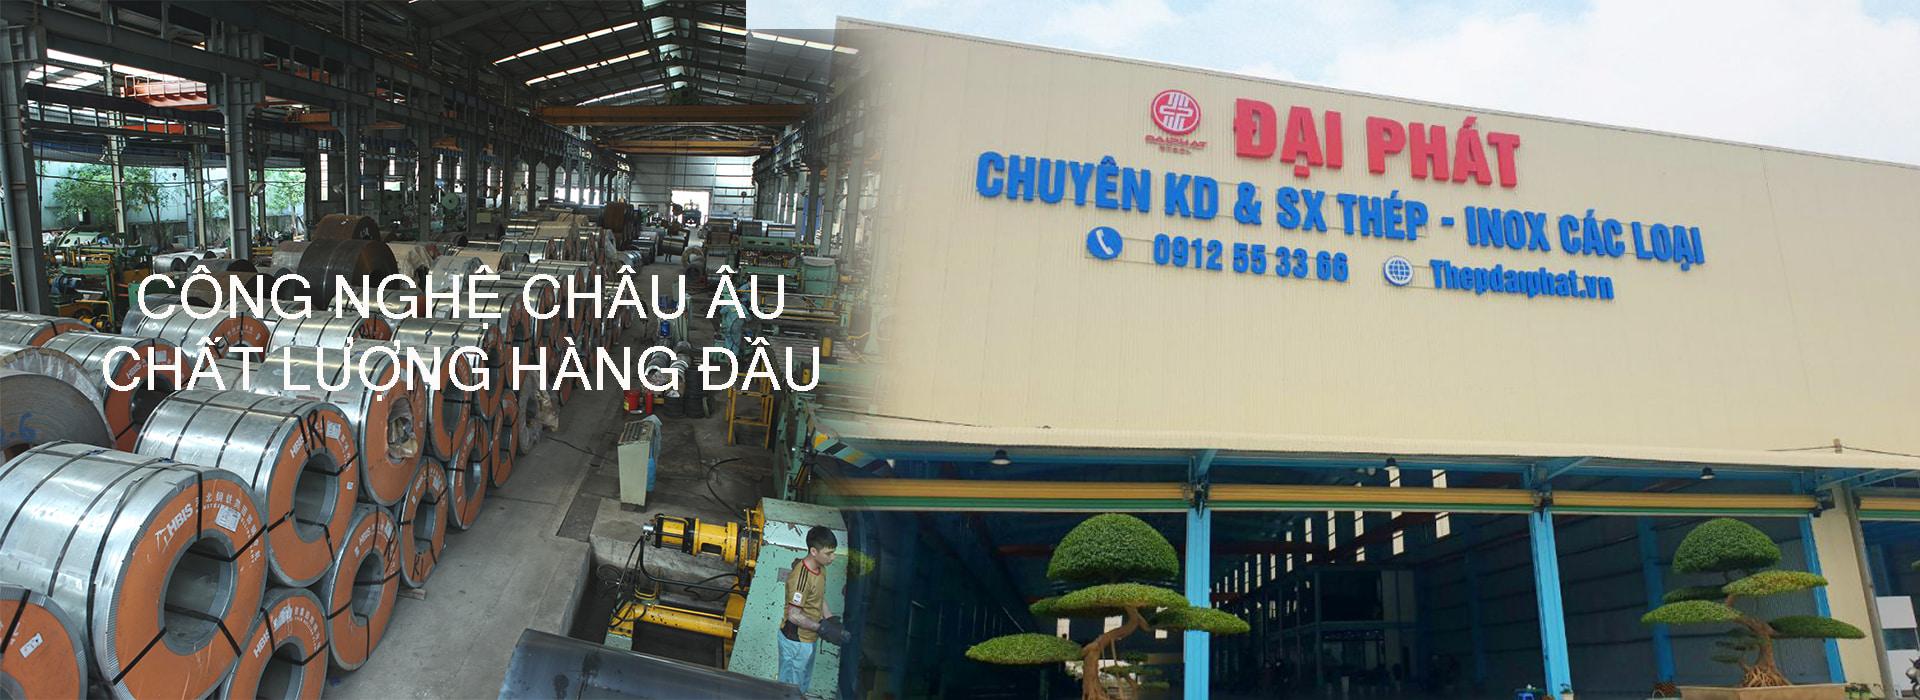 Anh-nen-Dai-Phat